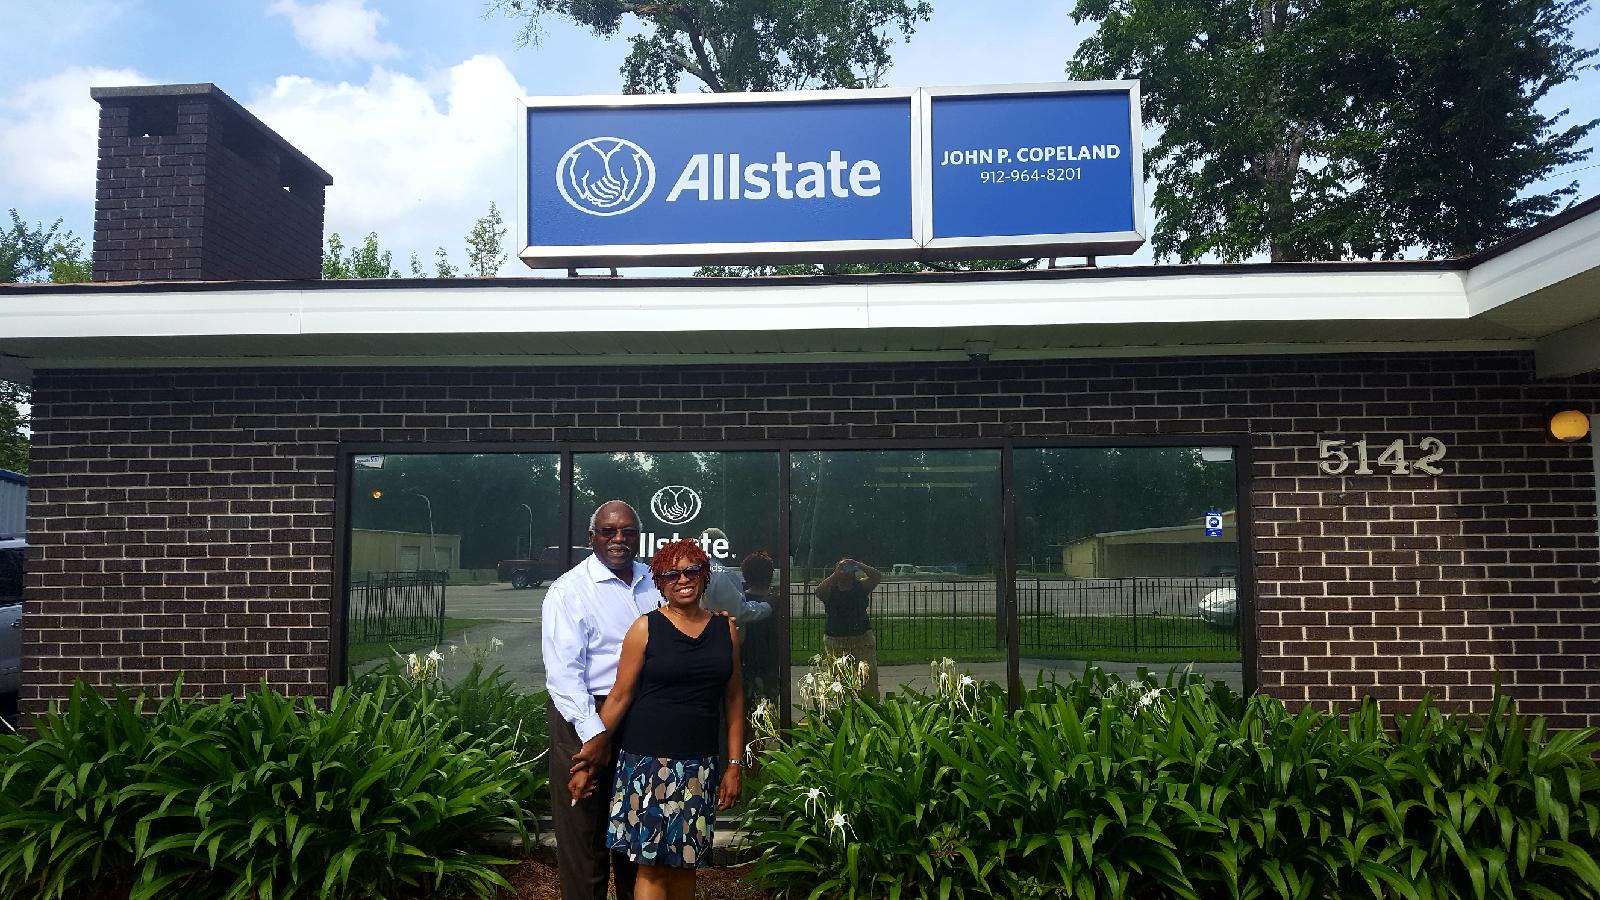 John Copeland: Allstate Insurance